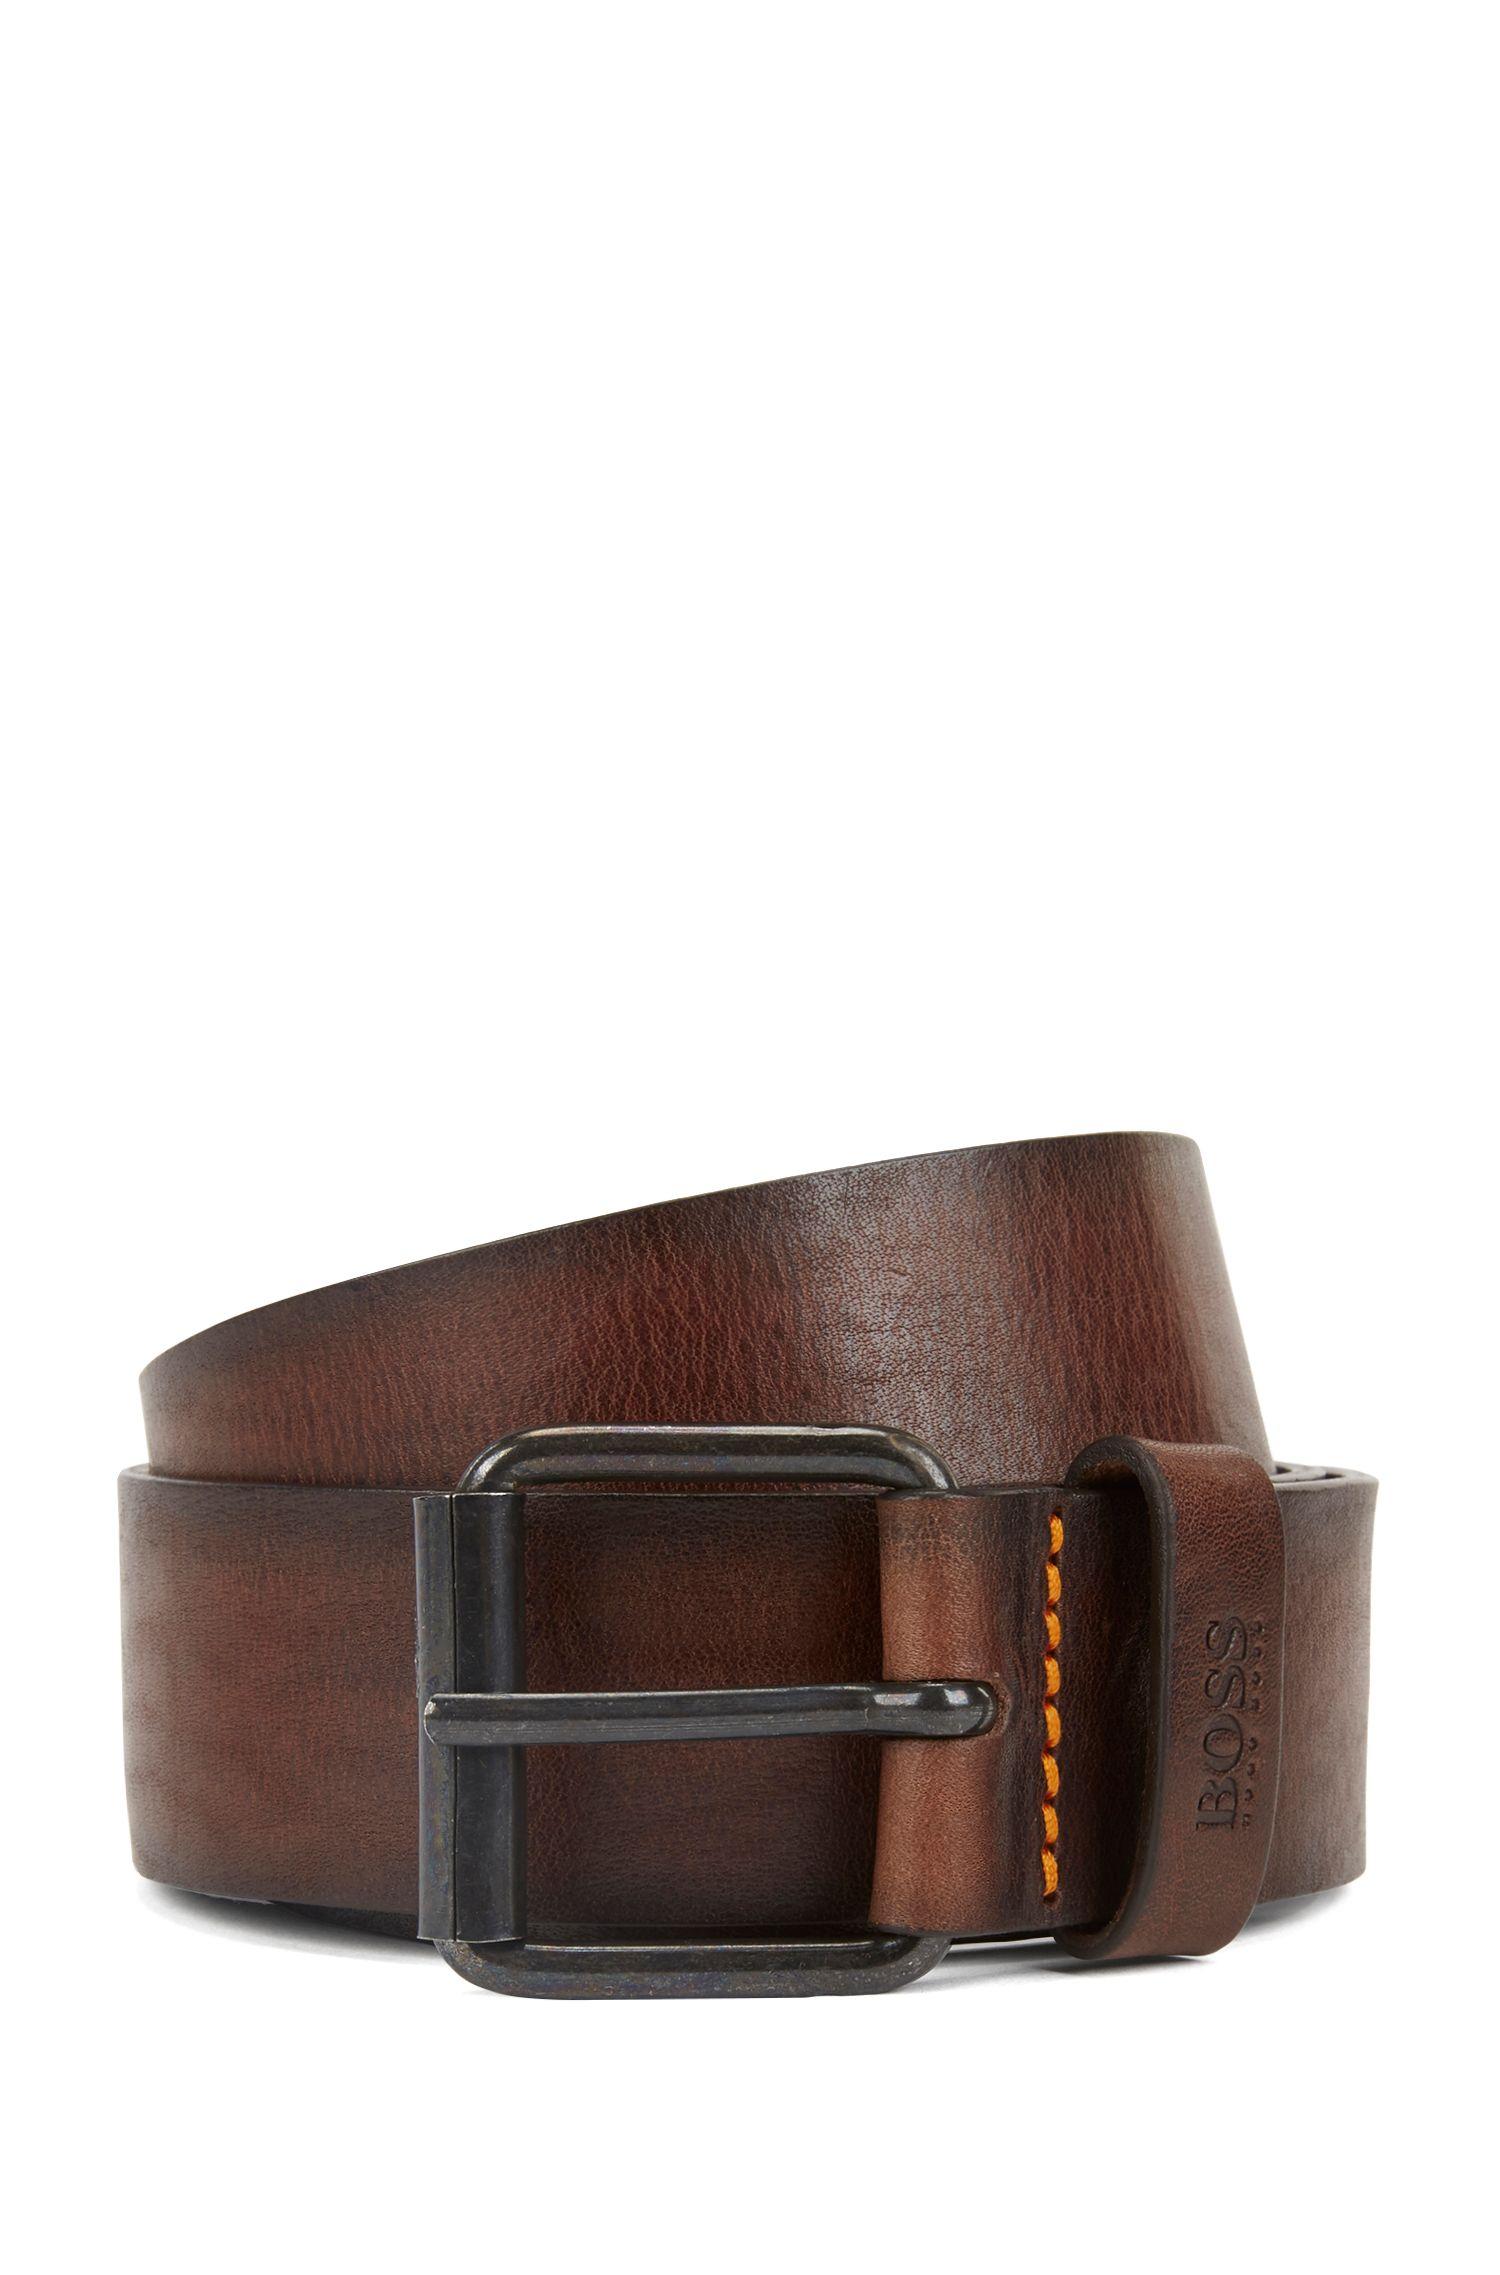 Cinturón con hebilla corredera en piel abatanada